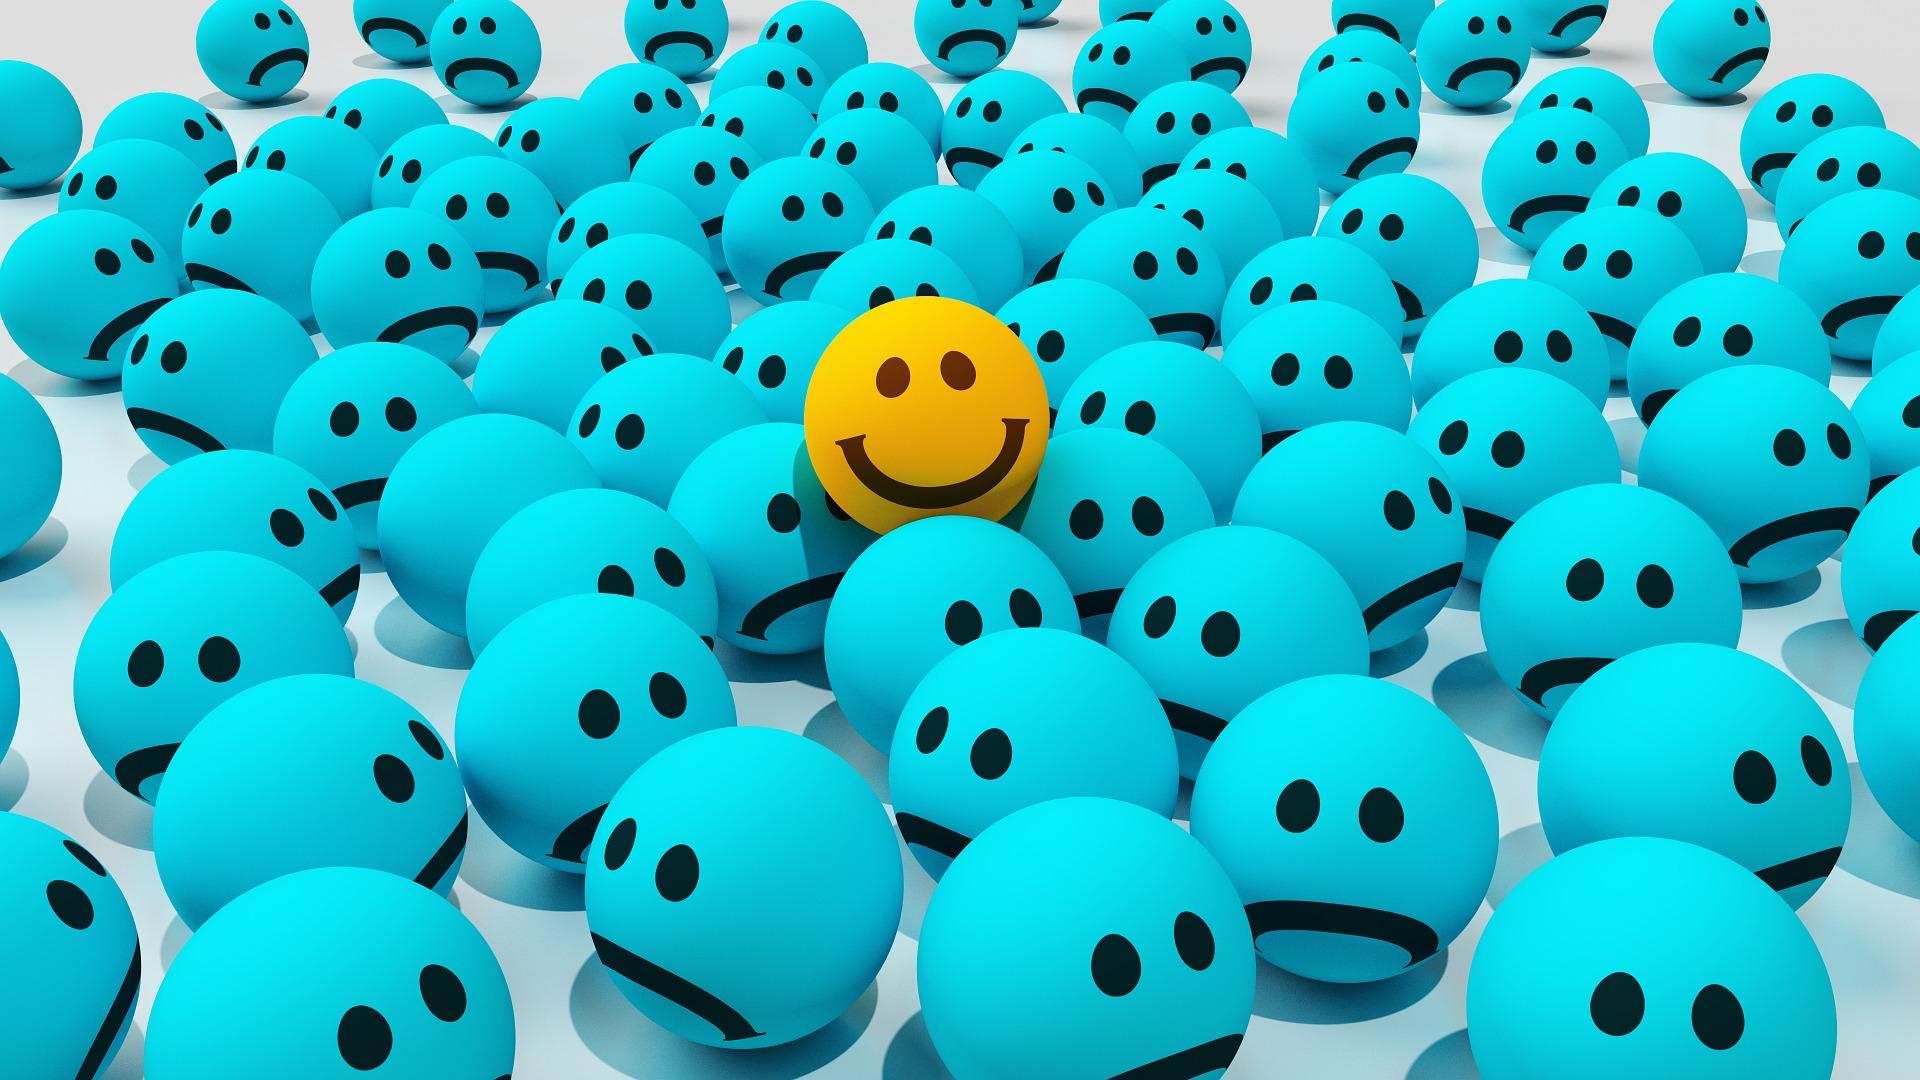 חרדה חברתית – מה משמר פחדים חברתיים?